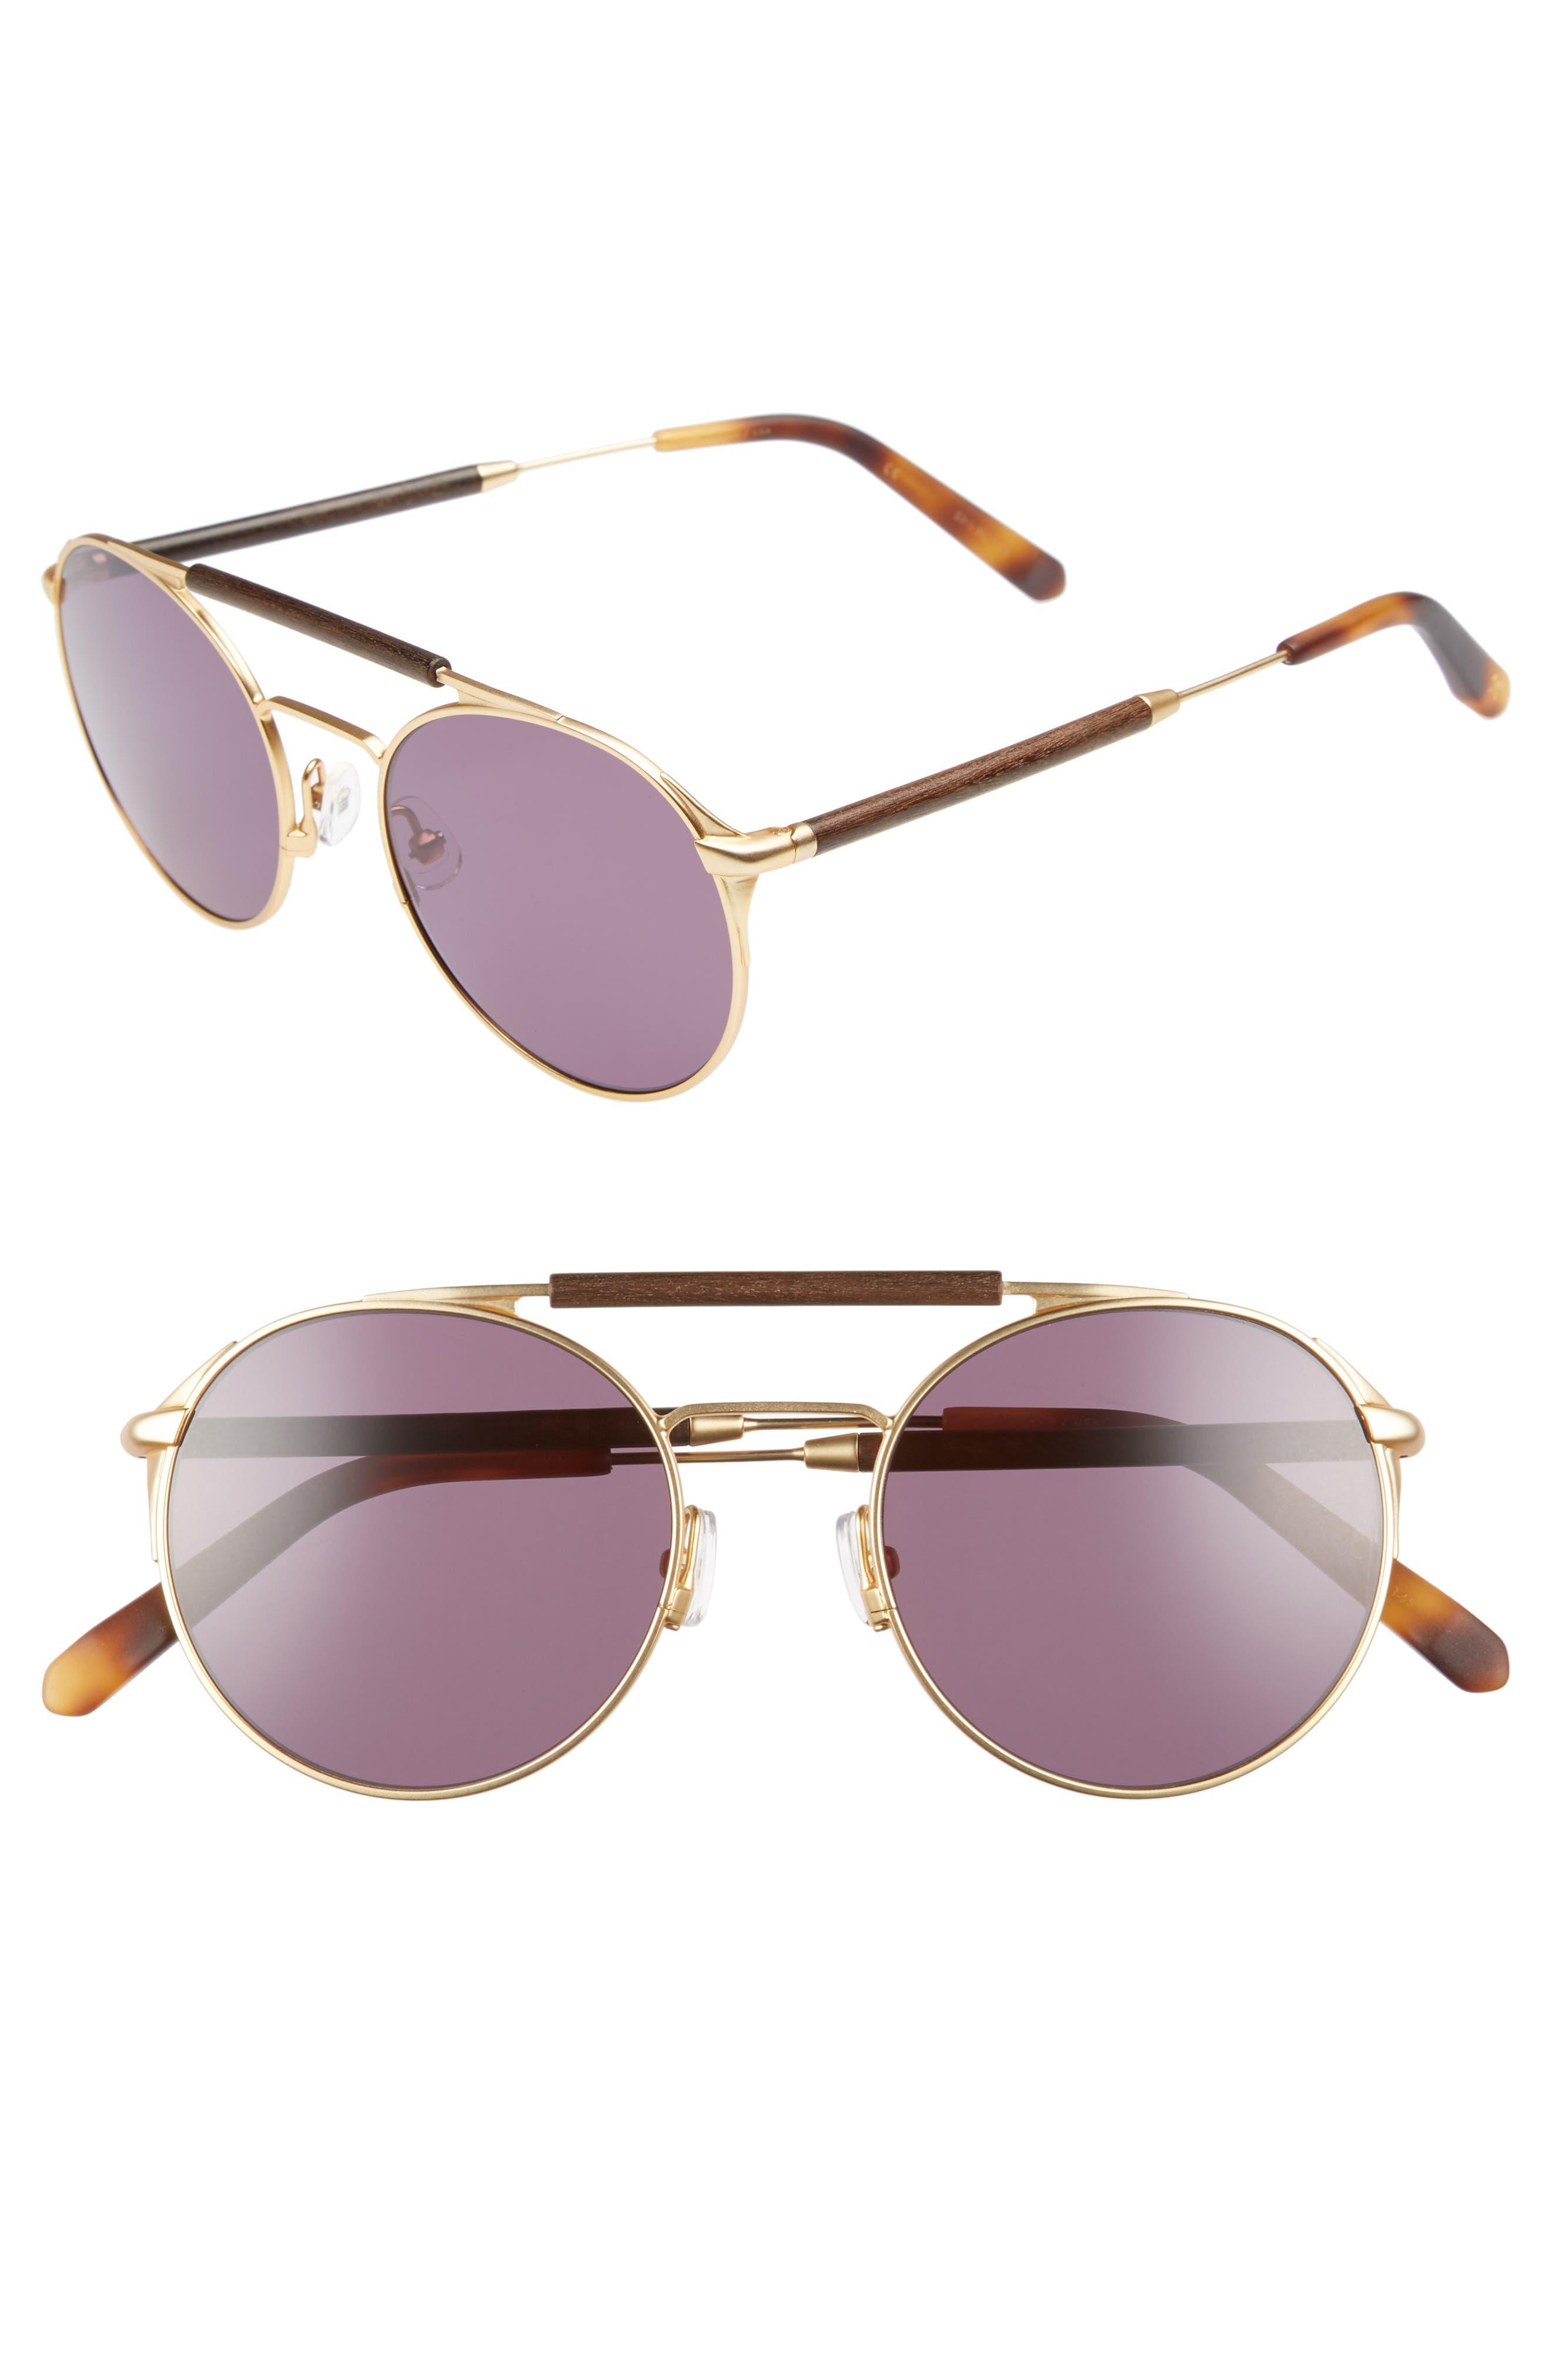 Bandon 52mm Round Sunglasses,                             Main thumbnail 5, color,